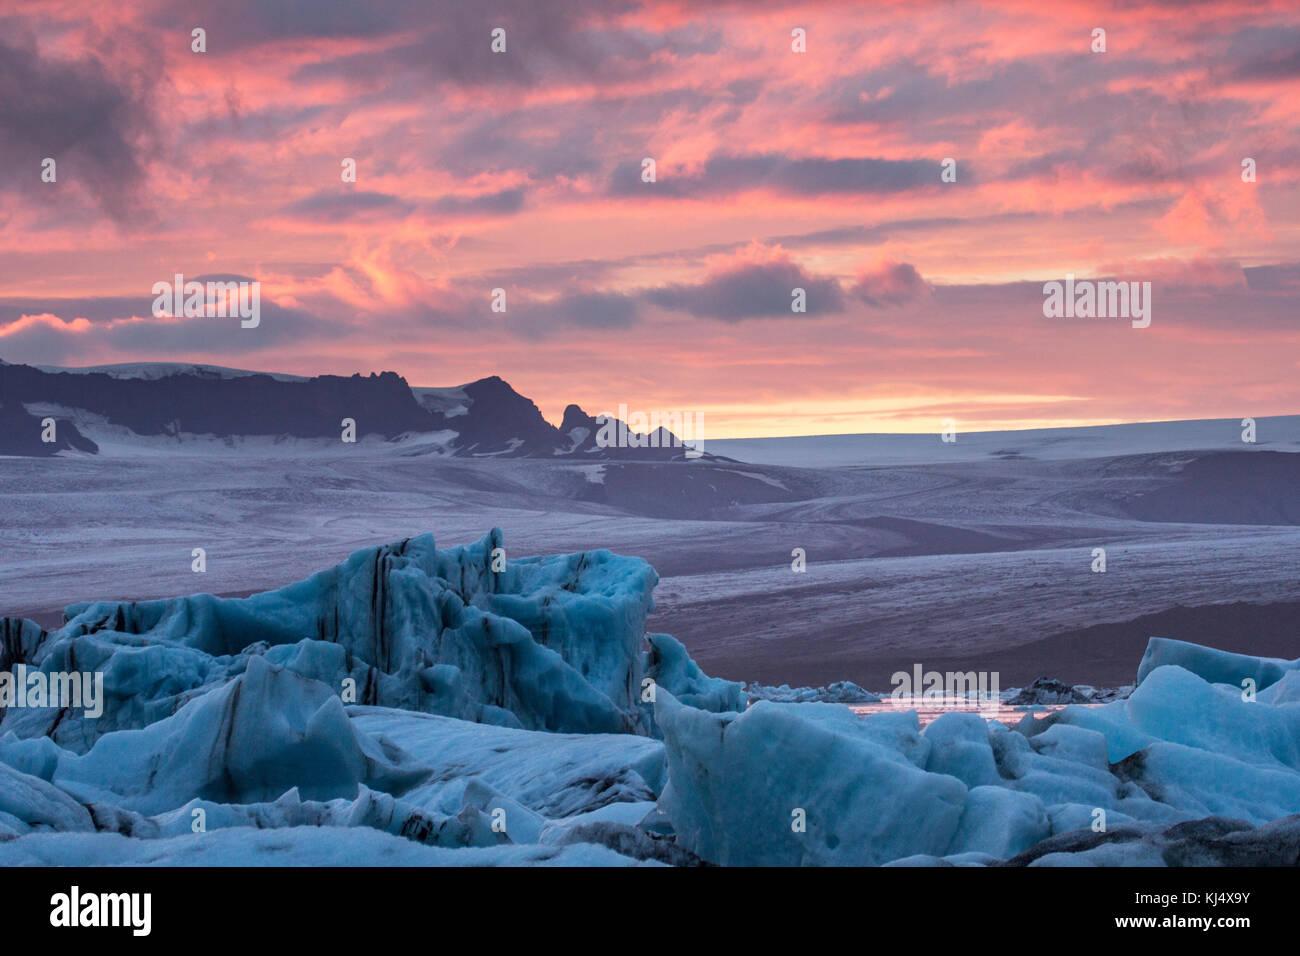 Lagune glaciaire sur la côte sud-est de l'Islande Photo Stock